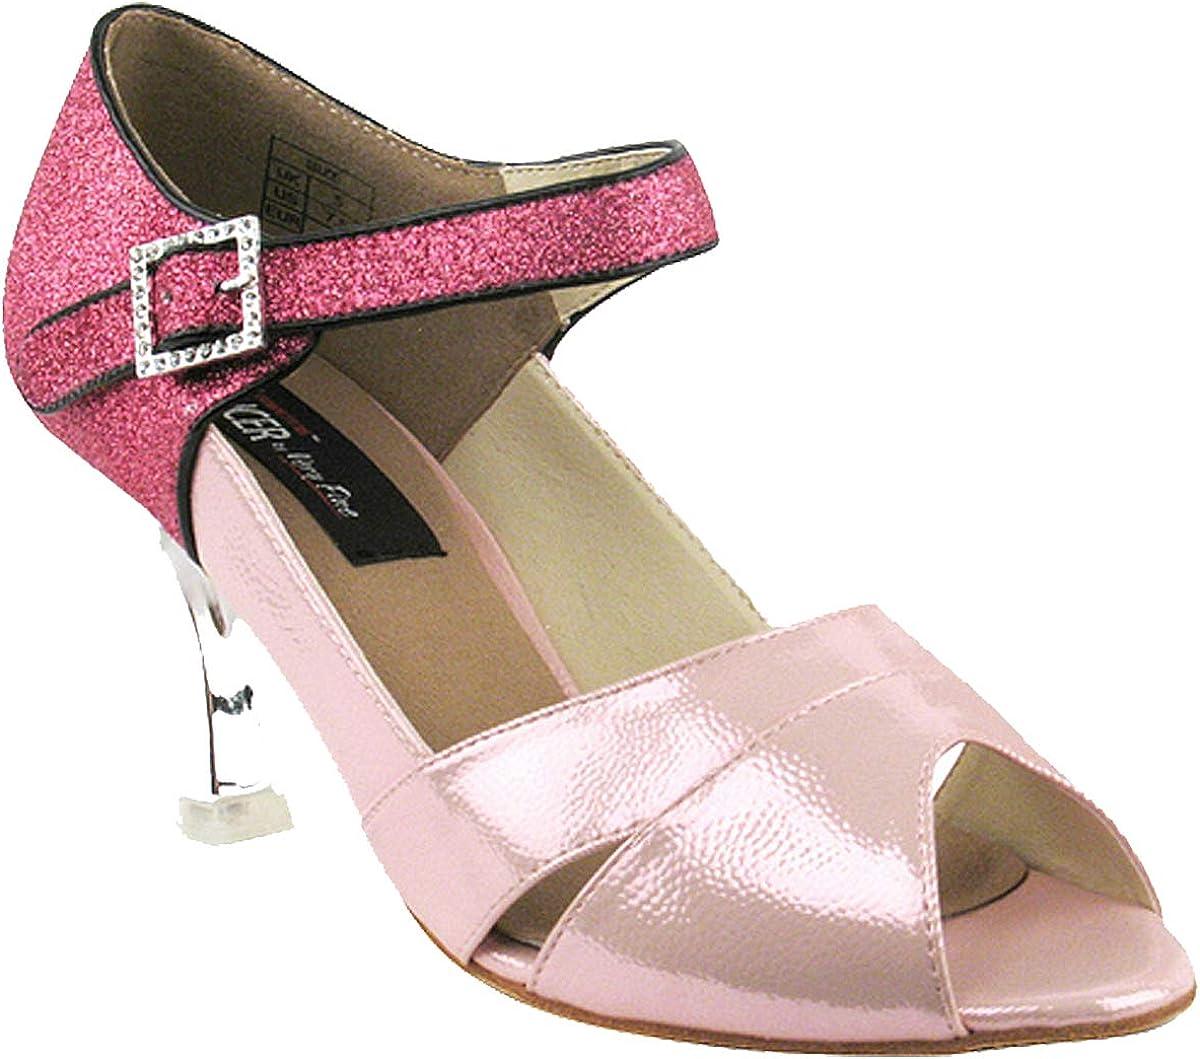 Very Fine Women's Salsa Ballroom Tango Dance Shoes Style CD3010 Bundle with Plastic Dance Shoe Heel Protectors, Pink Stardust 8 M US Heel 3 Inch